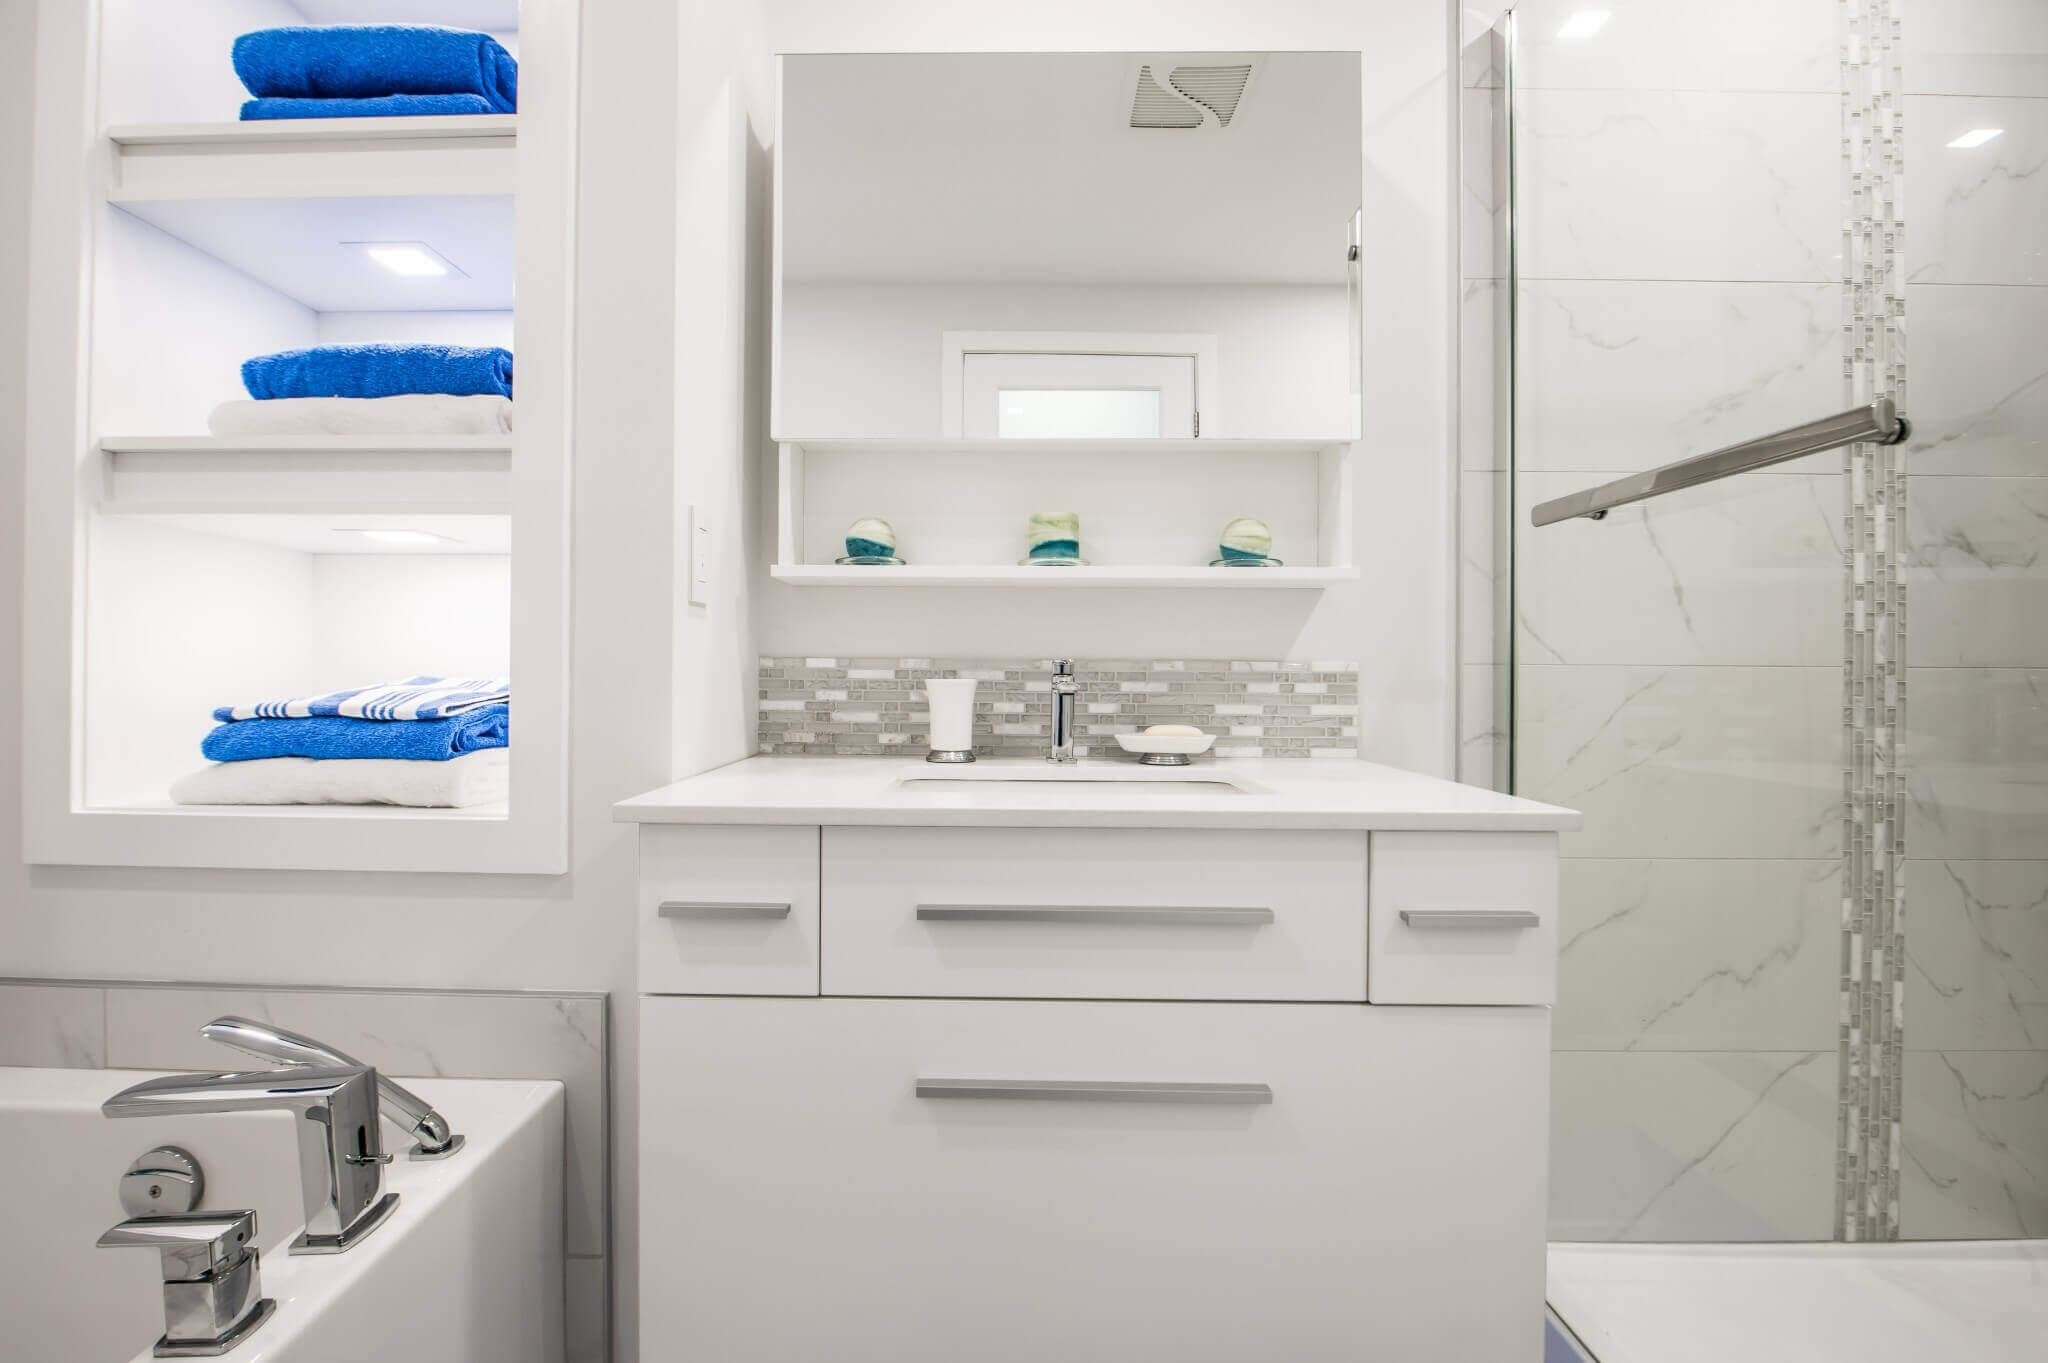 rangement armoires salle de bain